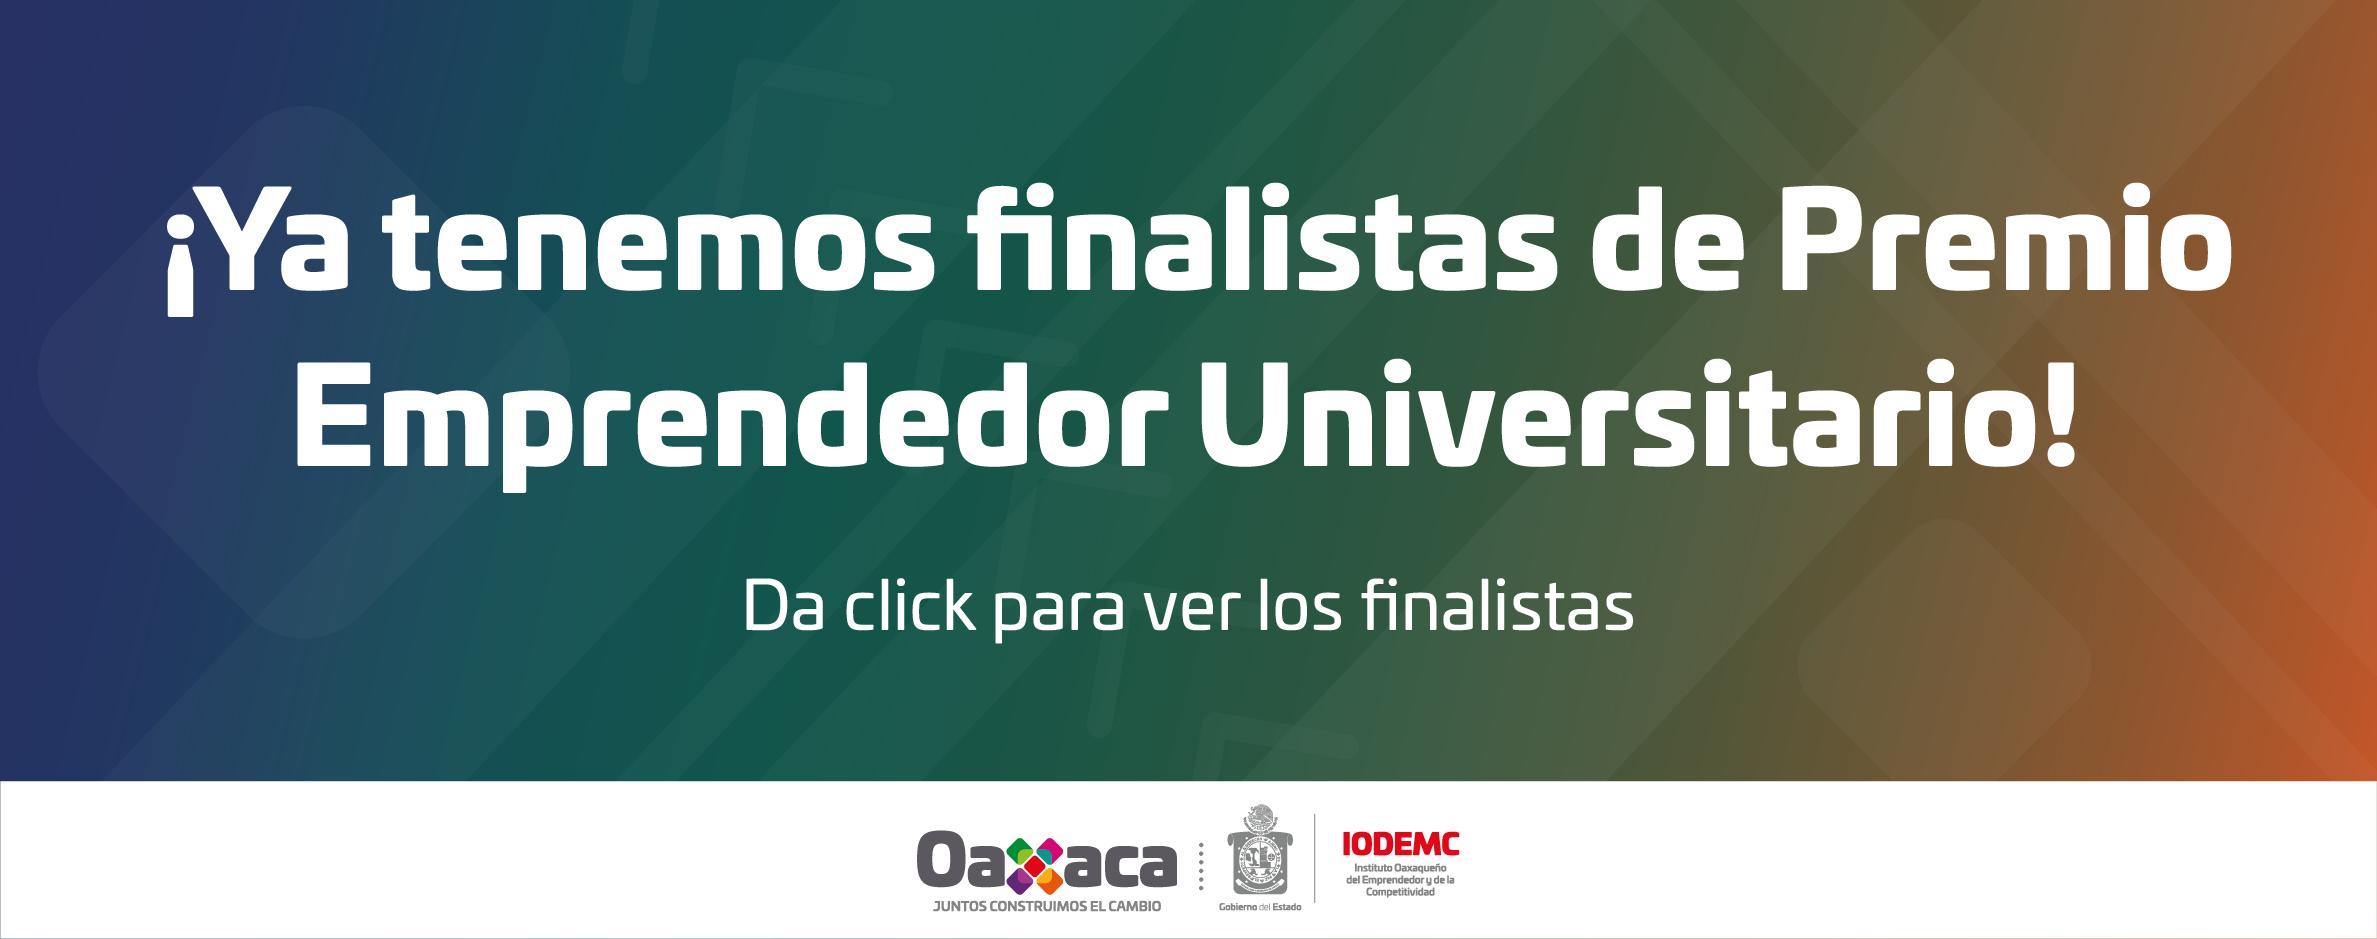 Finalistas de Premio Emprendedor Universitario